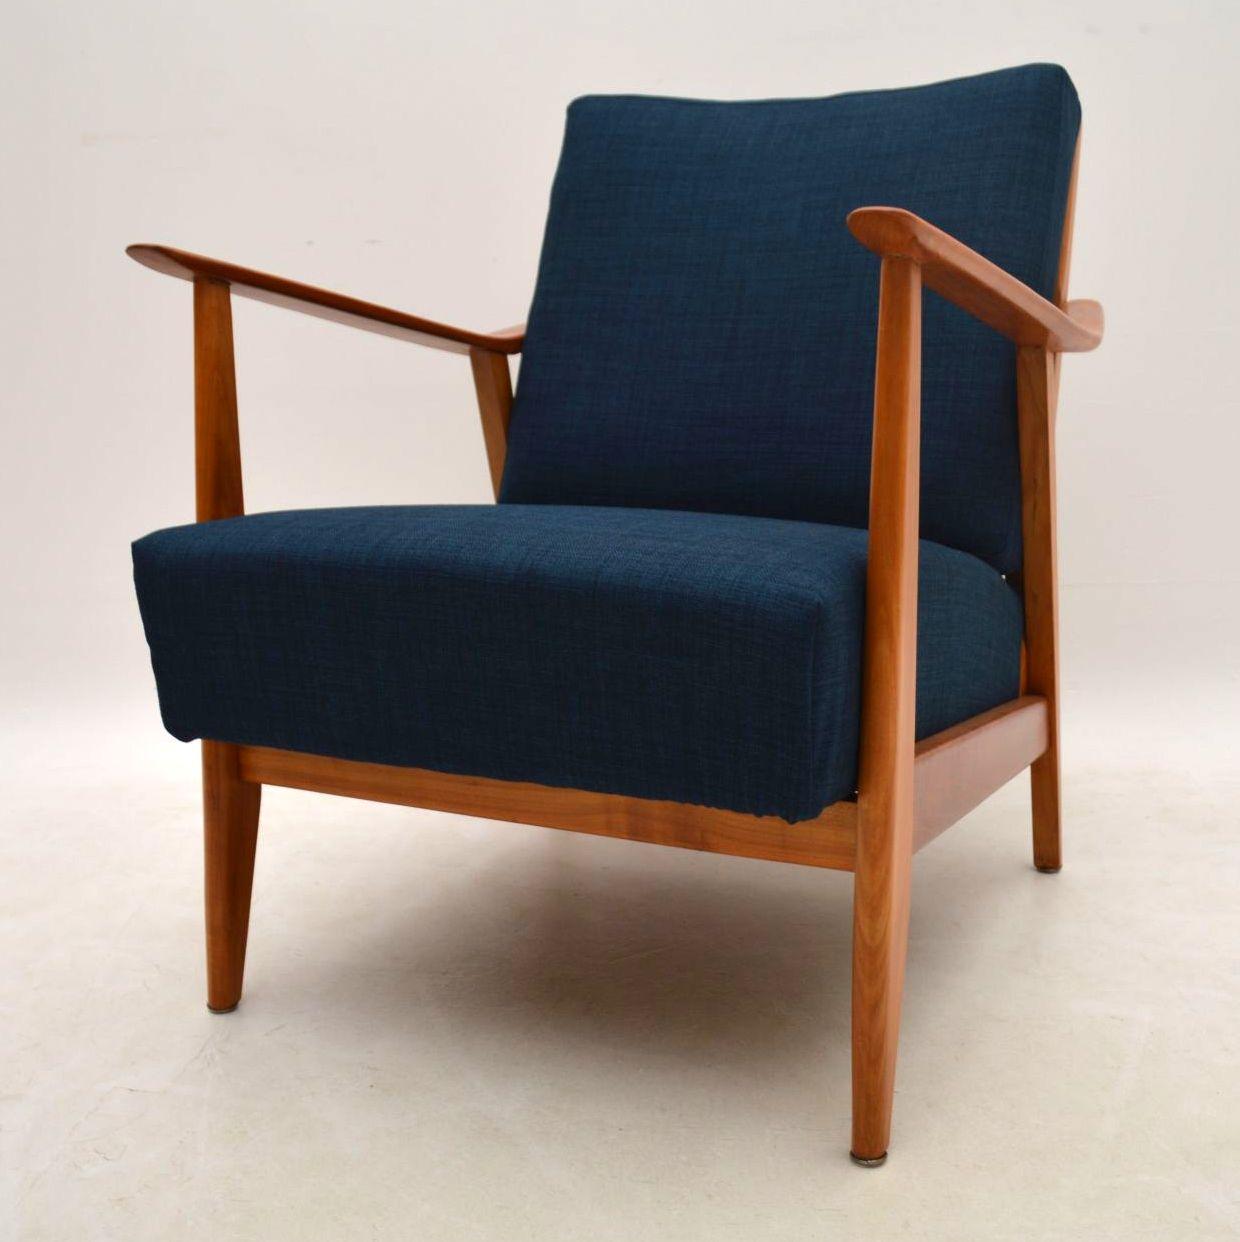 Retro Cherry Wood Armchair Vintage 1950's